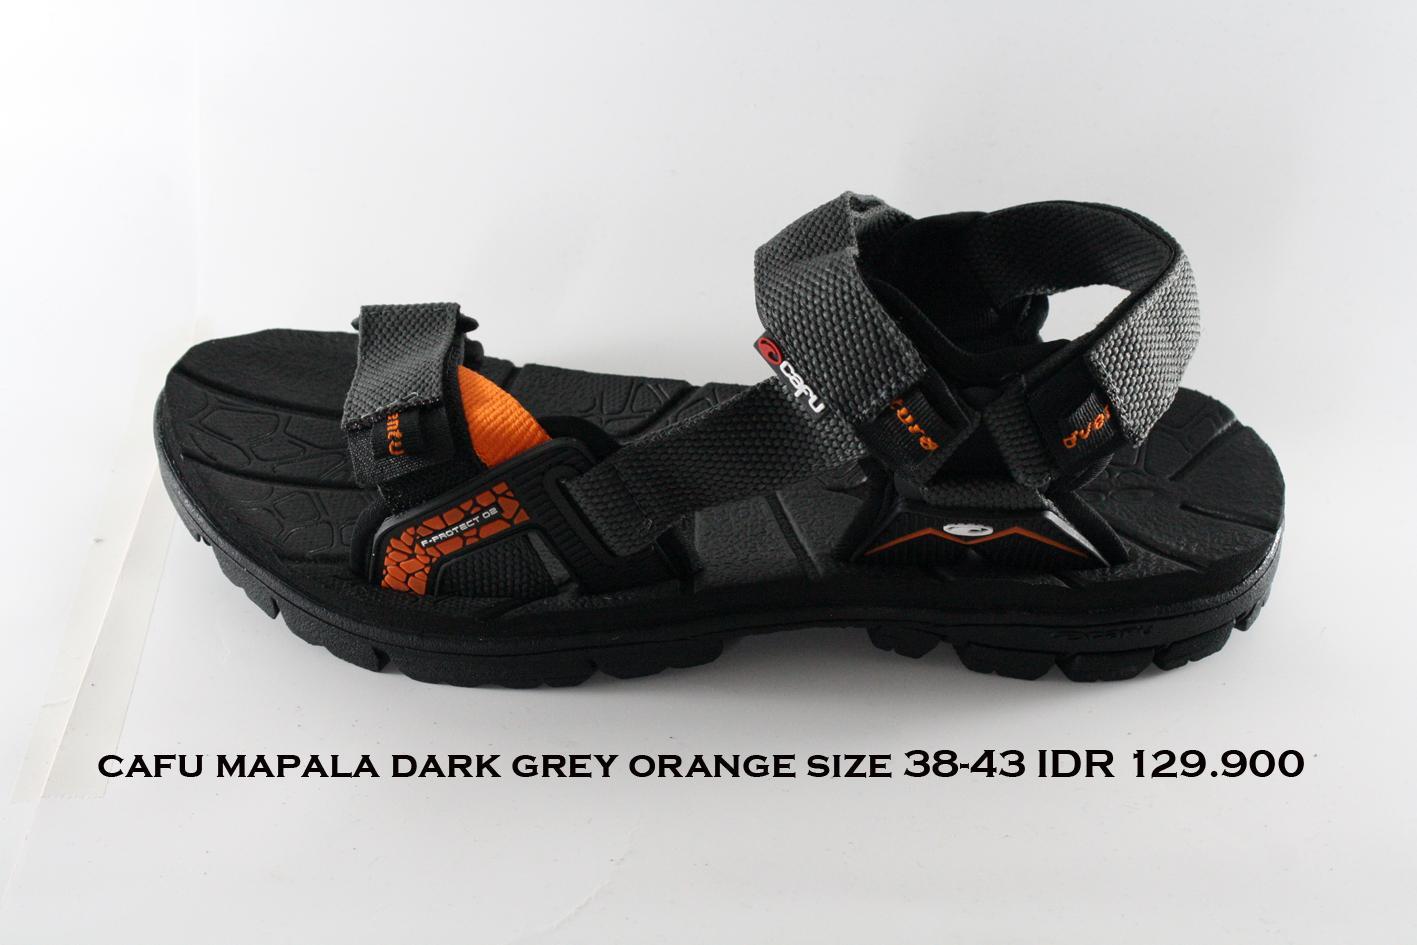 cafu mapala sepatu sandal gunung pria abu tua orange